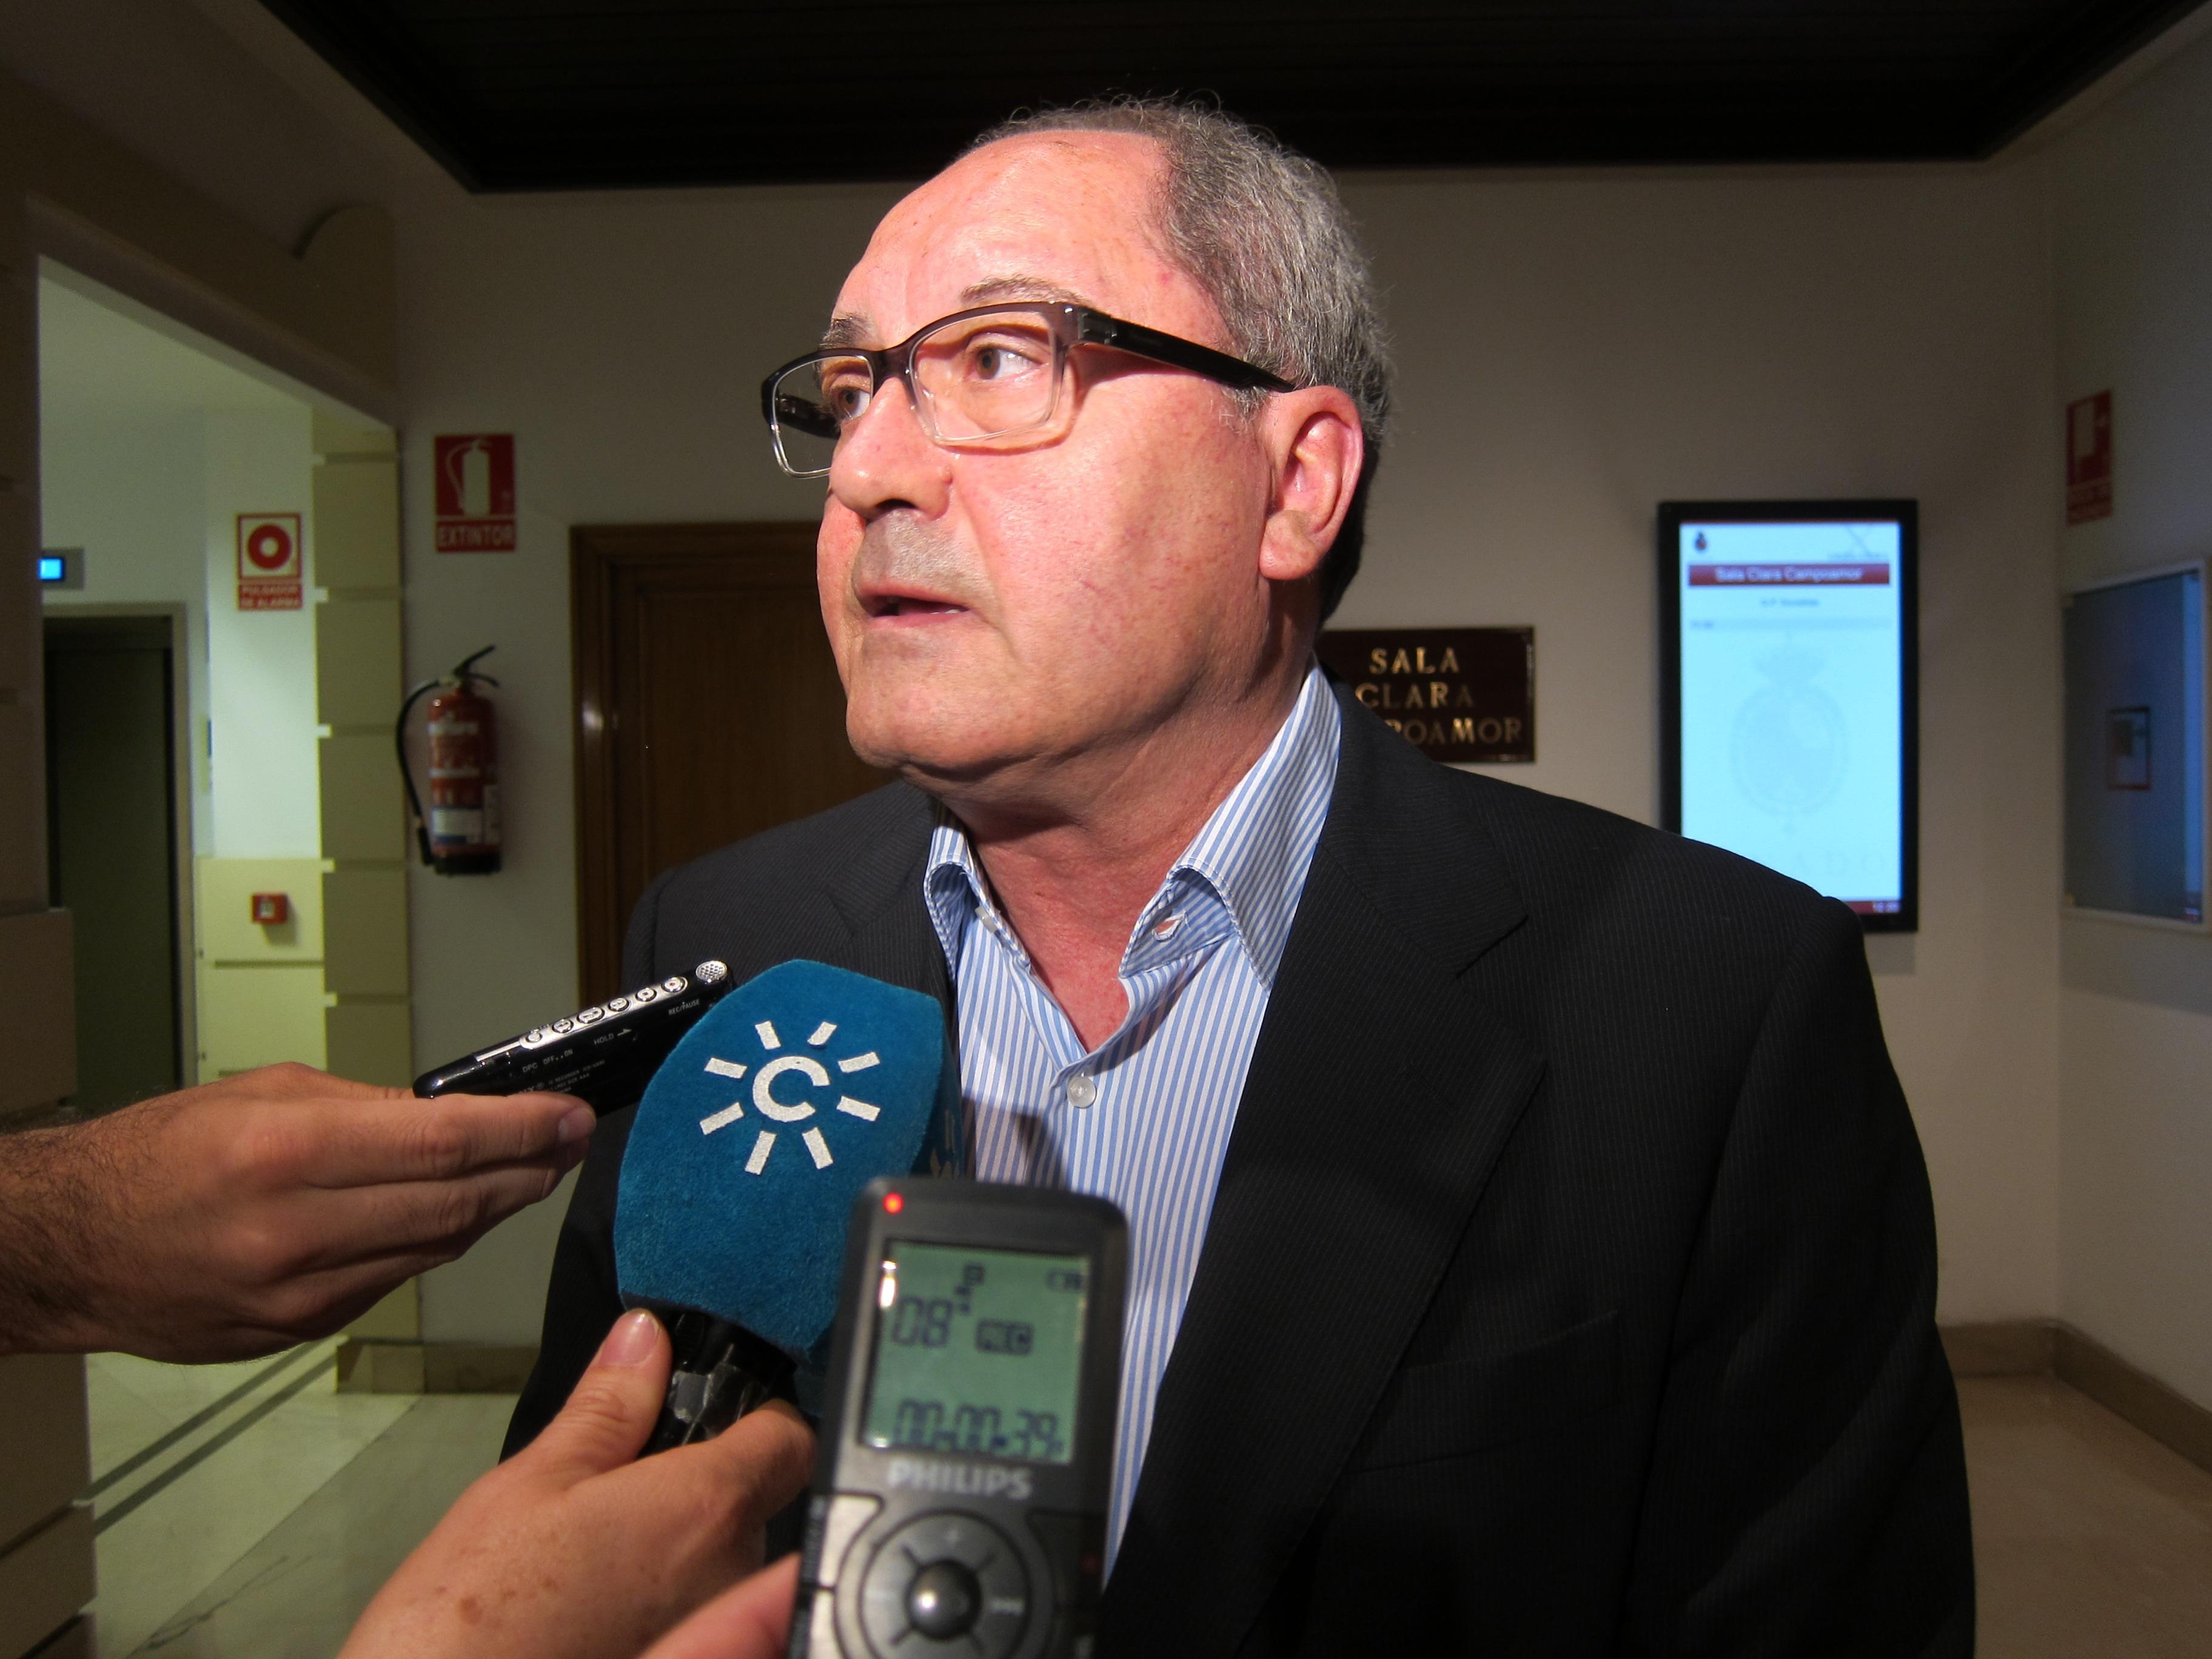 El PSOE-A pide a De Guindos que aclare si el memorando para el rescate a la banca resta autonomía a las regiones